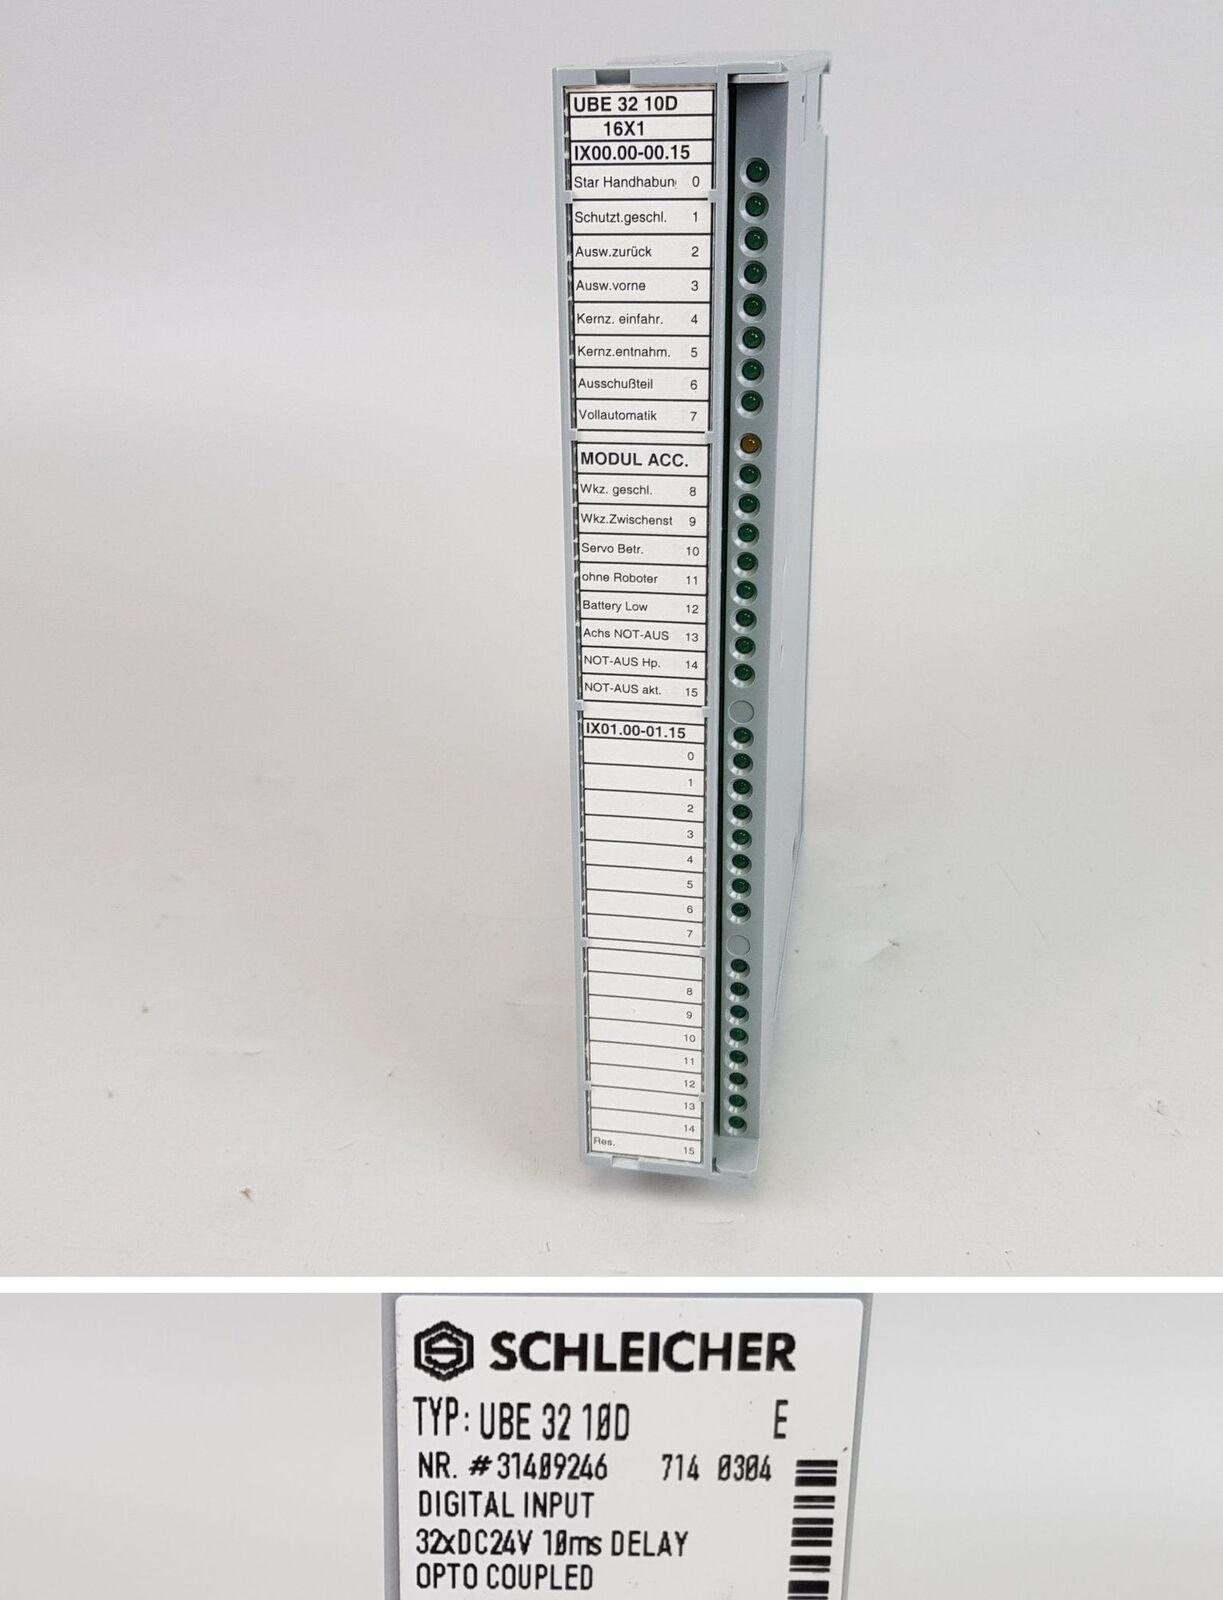 PP6521 Schleicher UBE 32 10D Version E 31409246